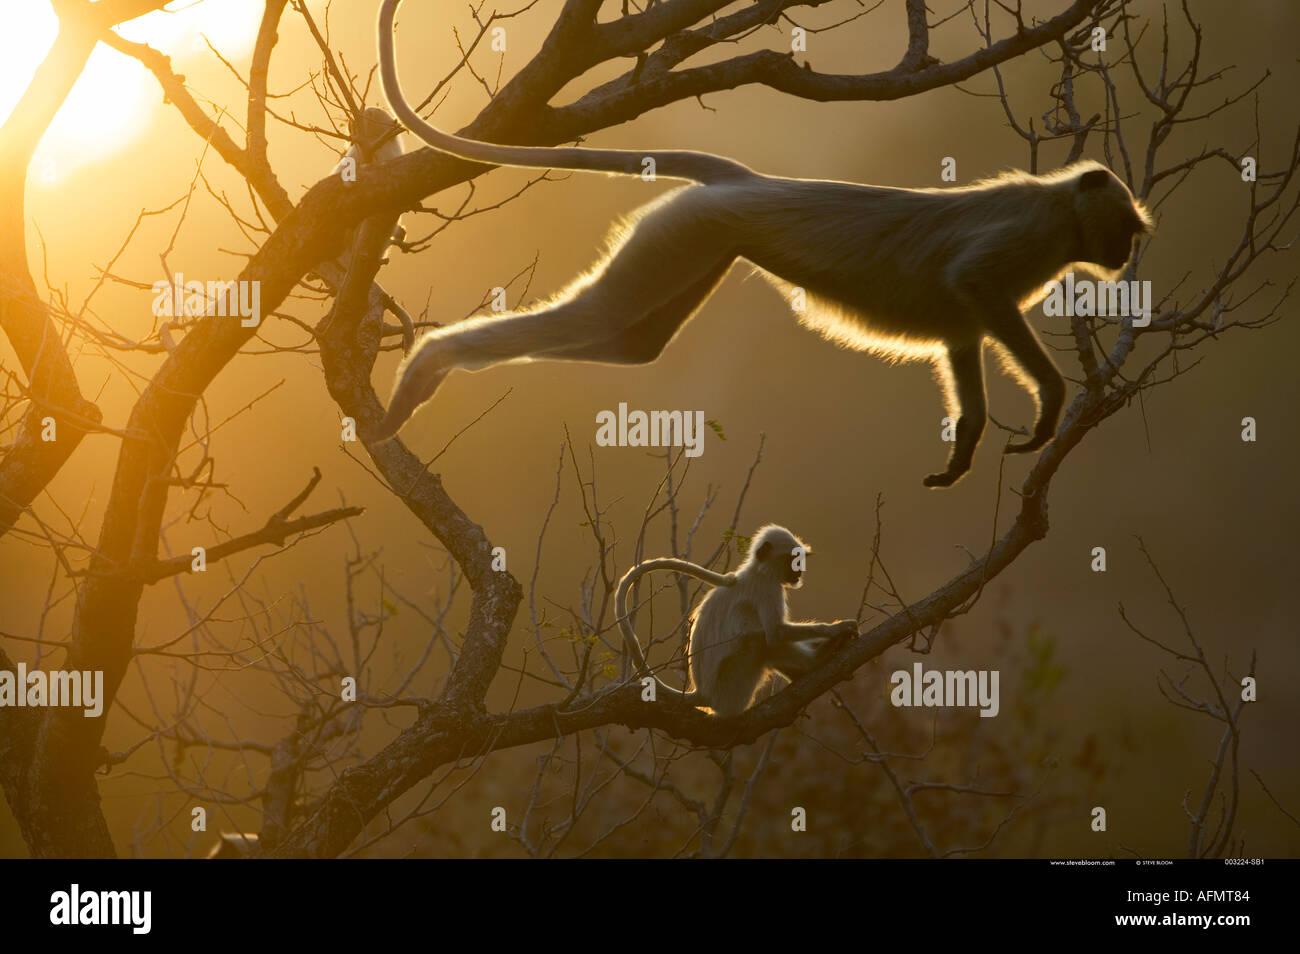 Hanuman Langur saltando attraverso le cime degli alberi Bandhavgarh India Foto Stock